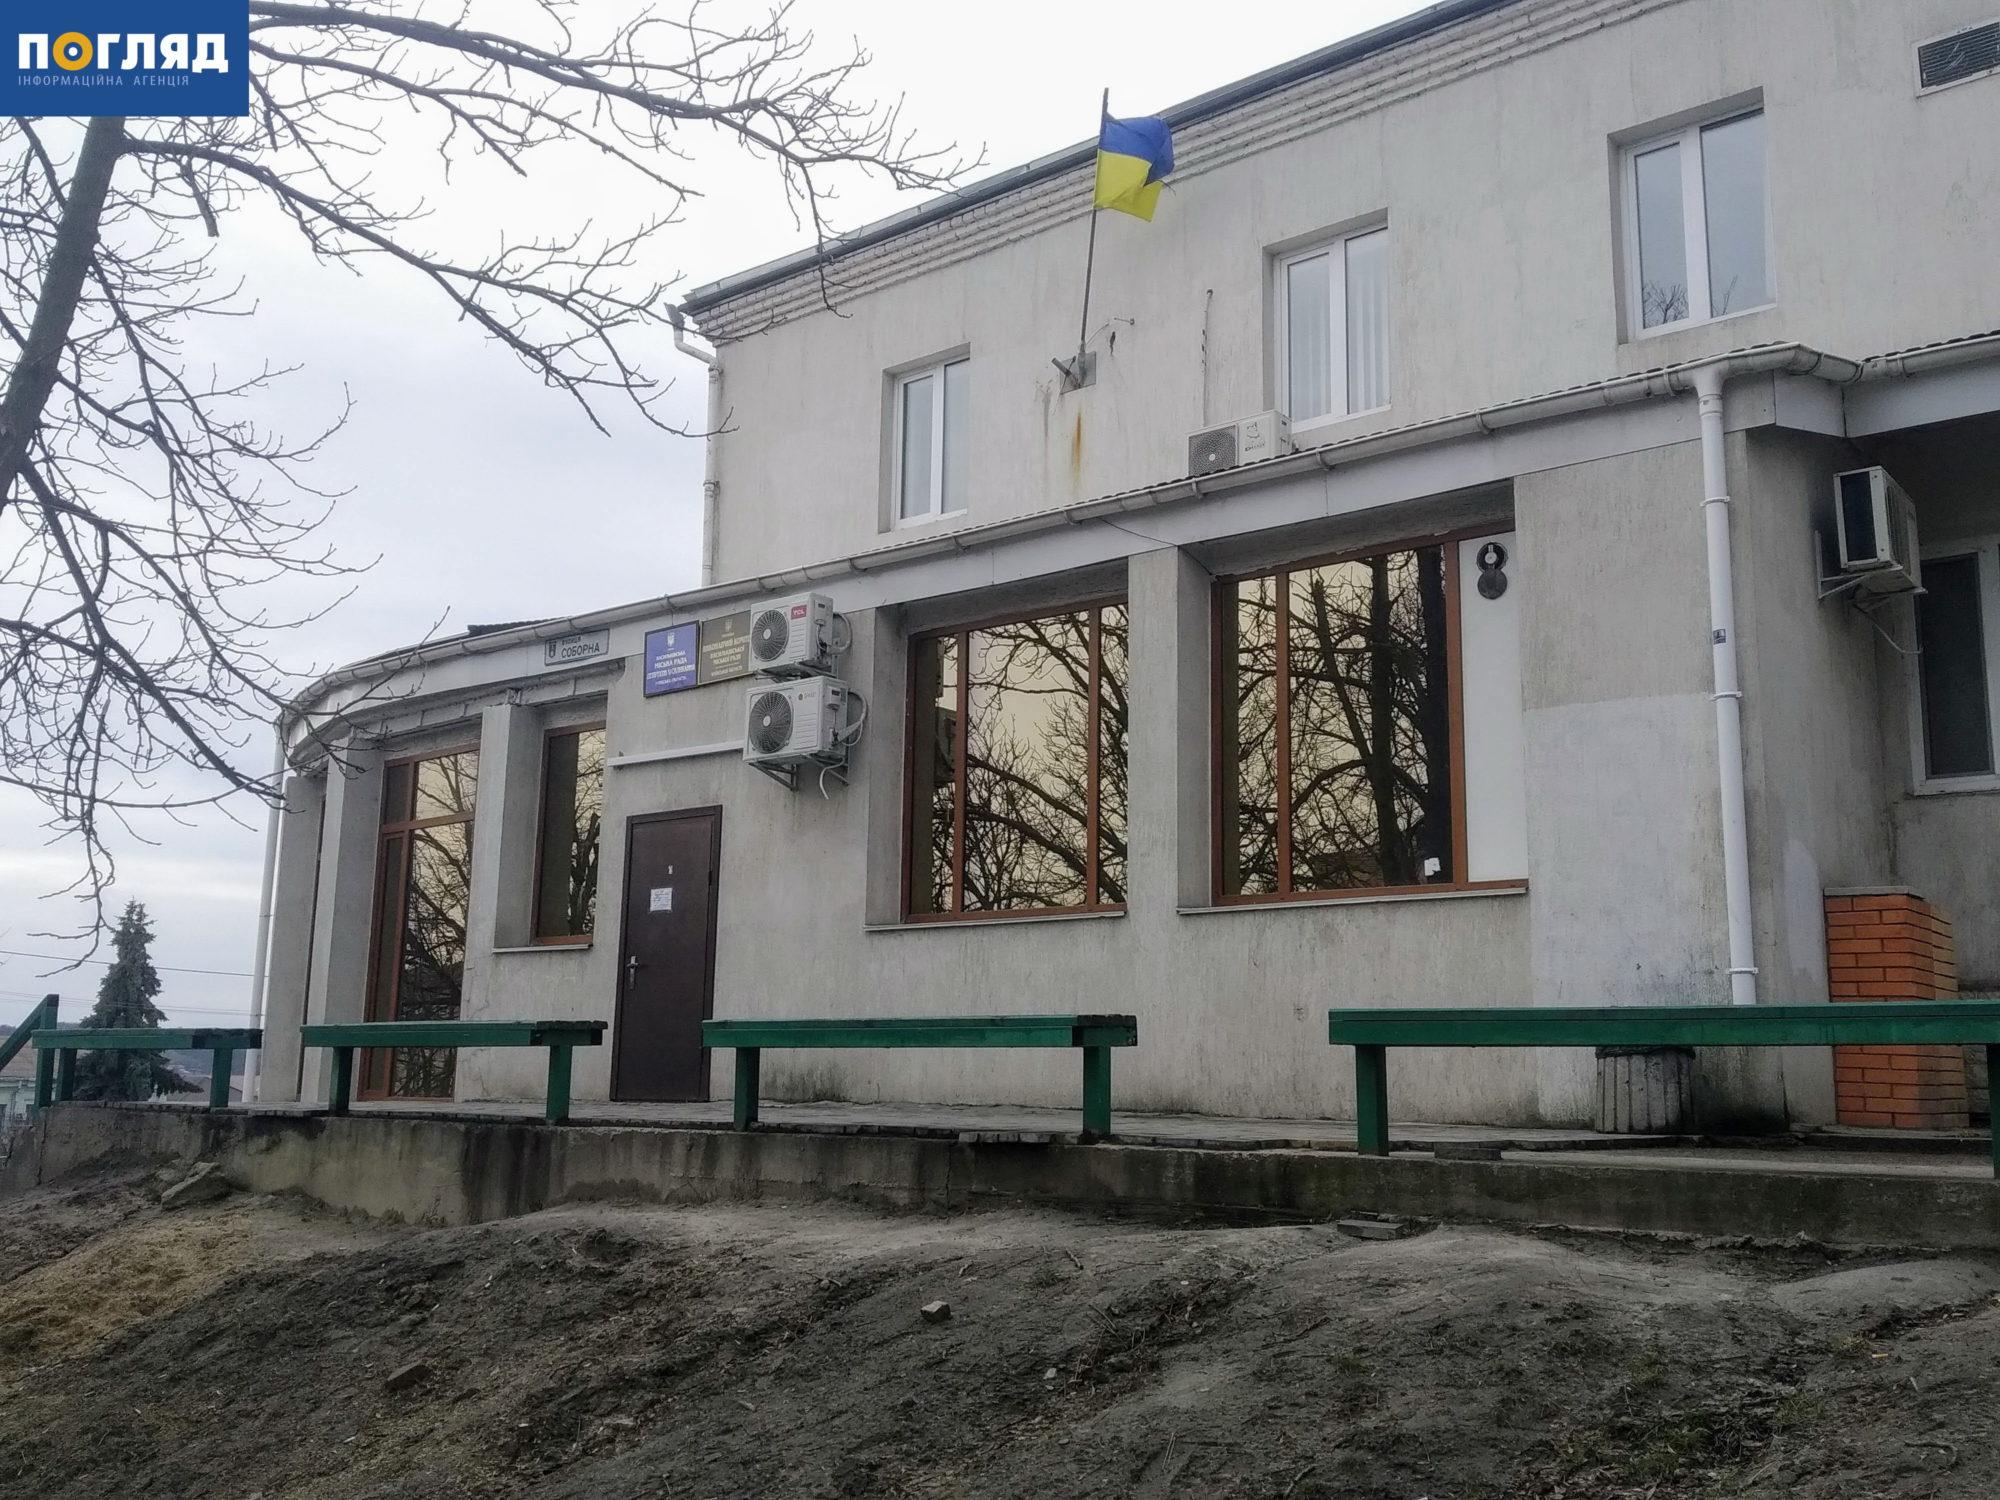 У Василькові призупинено прийом громадян у держустановах - карантин - IMG 20200225 140143 2000x1500